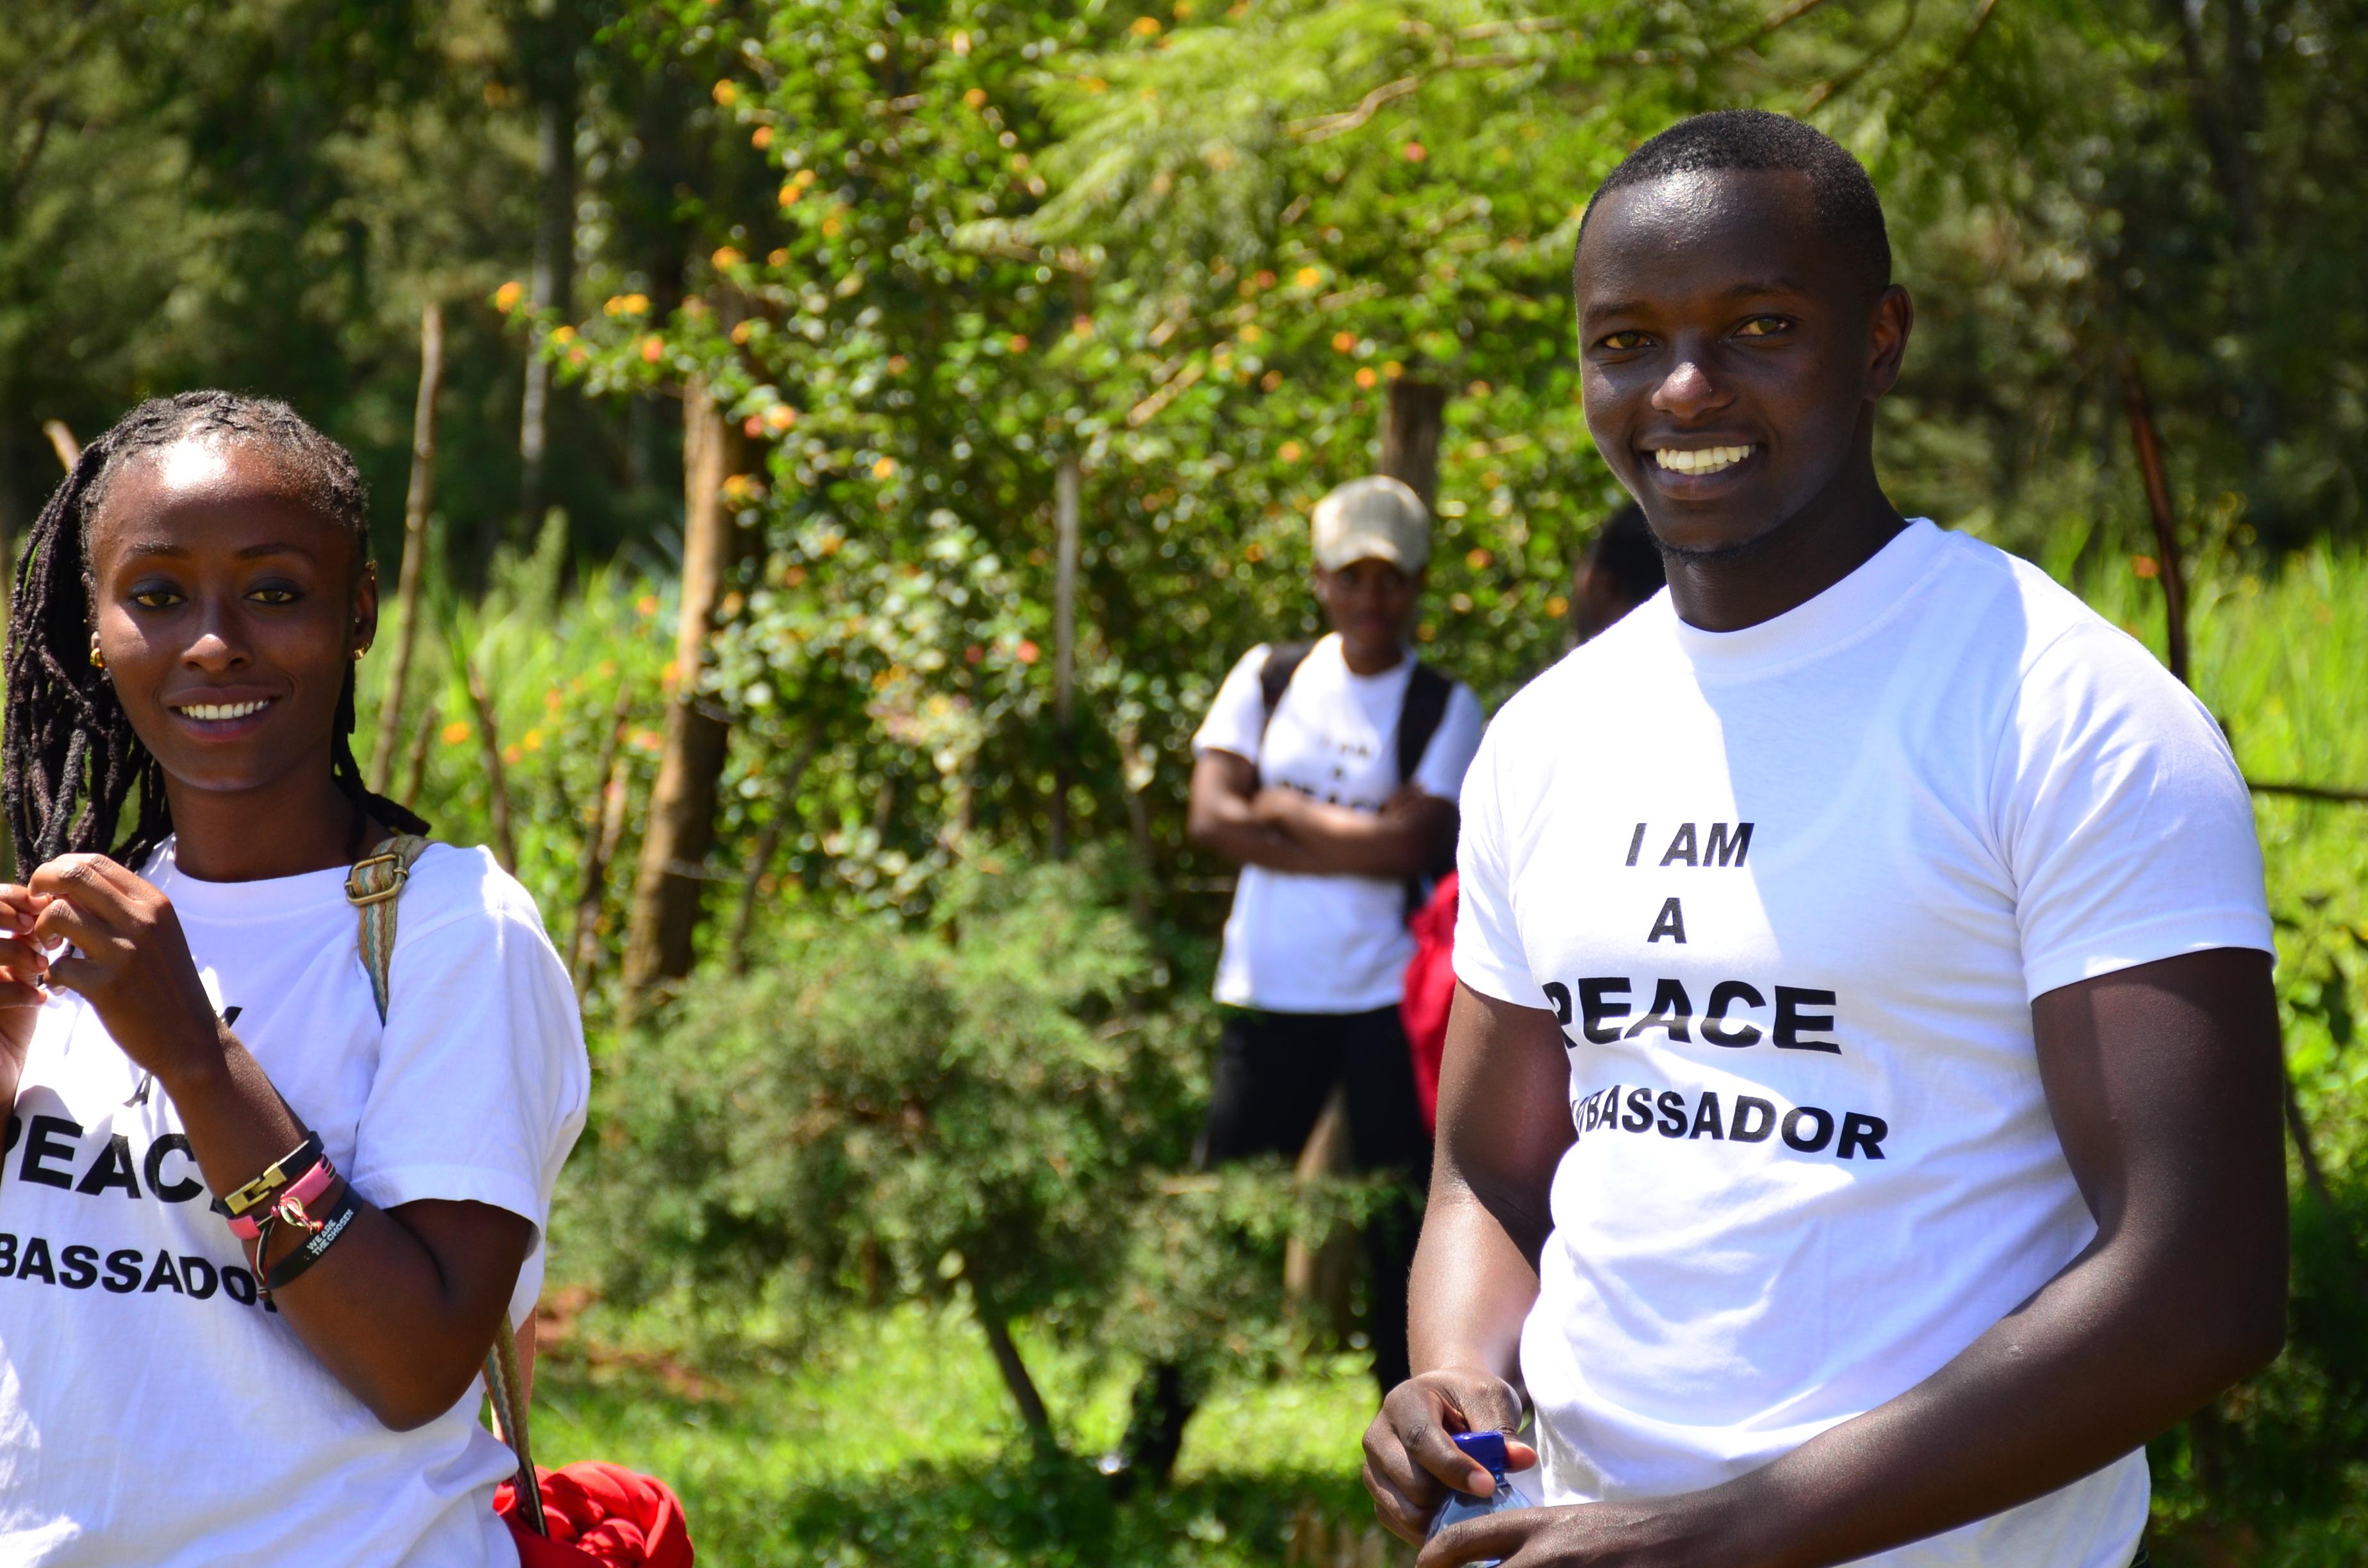 KAPTEMBWO YOUTH LEADERSHIP FOUNDATION